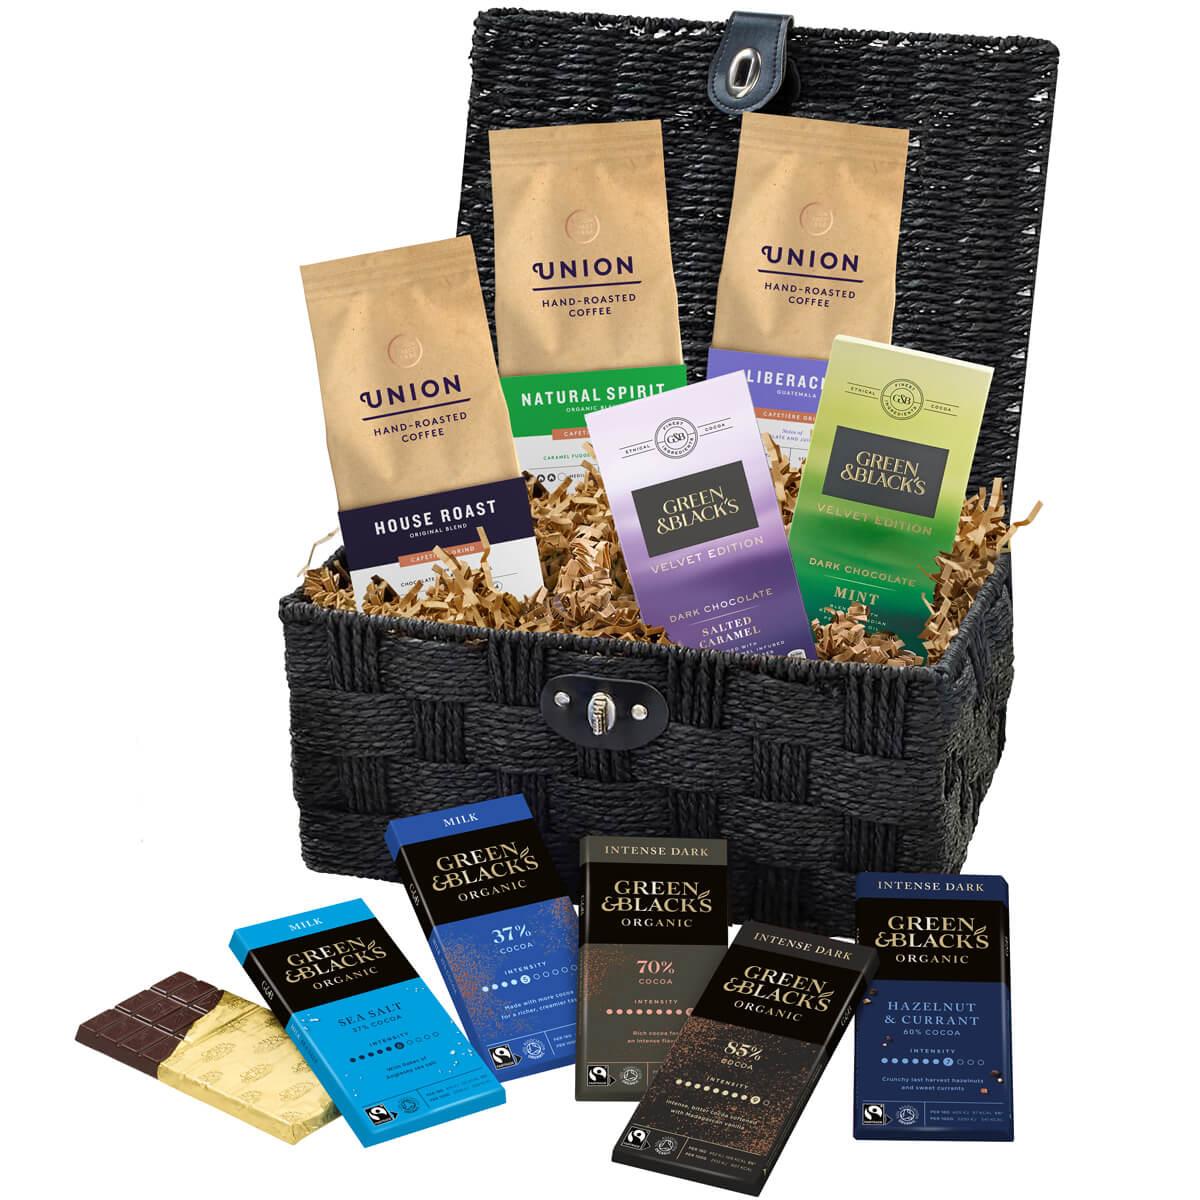 GBs Organic Chocolate  Coffee Basket